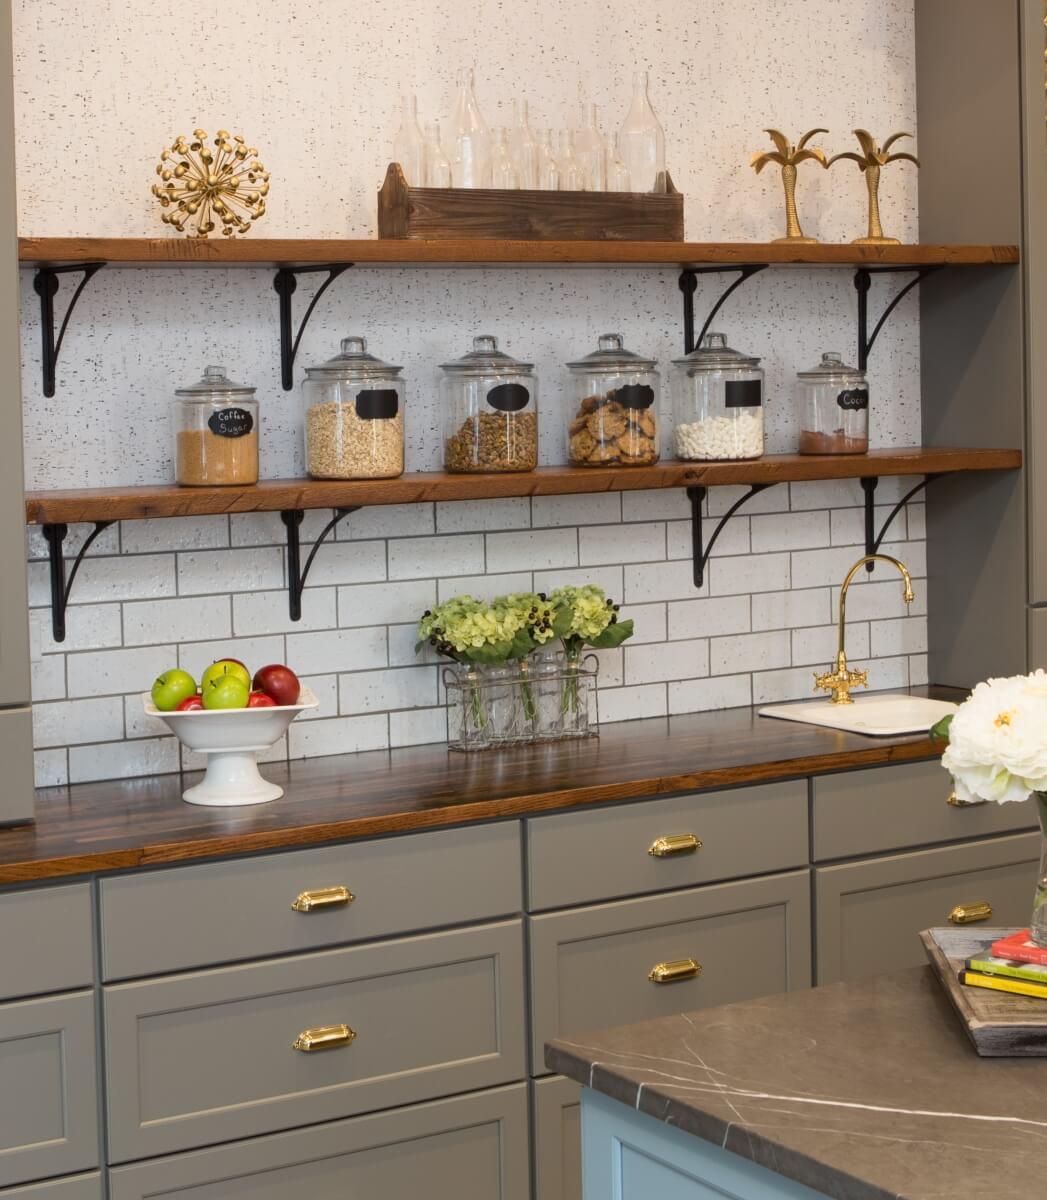 Dura Supreme Cabinetry designed by Michelle Lecinski of Advance Design Studio in Gilberts, IL.